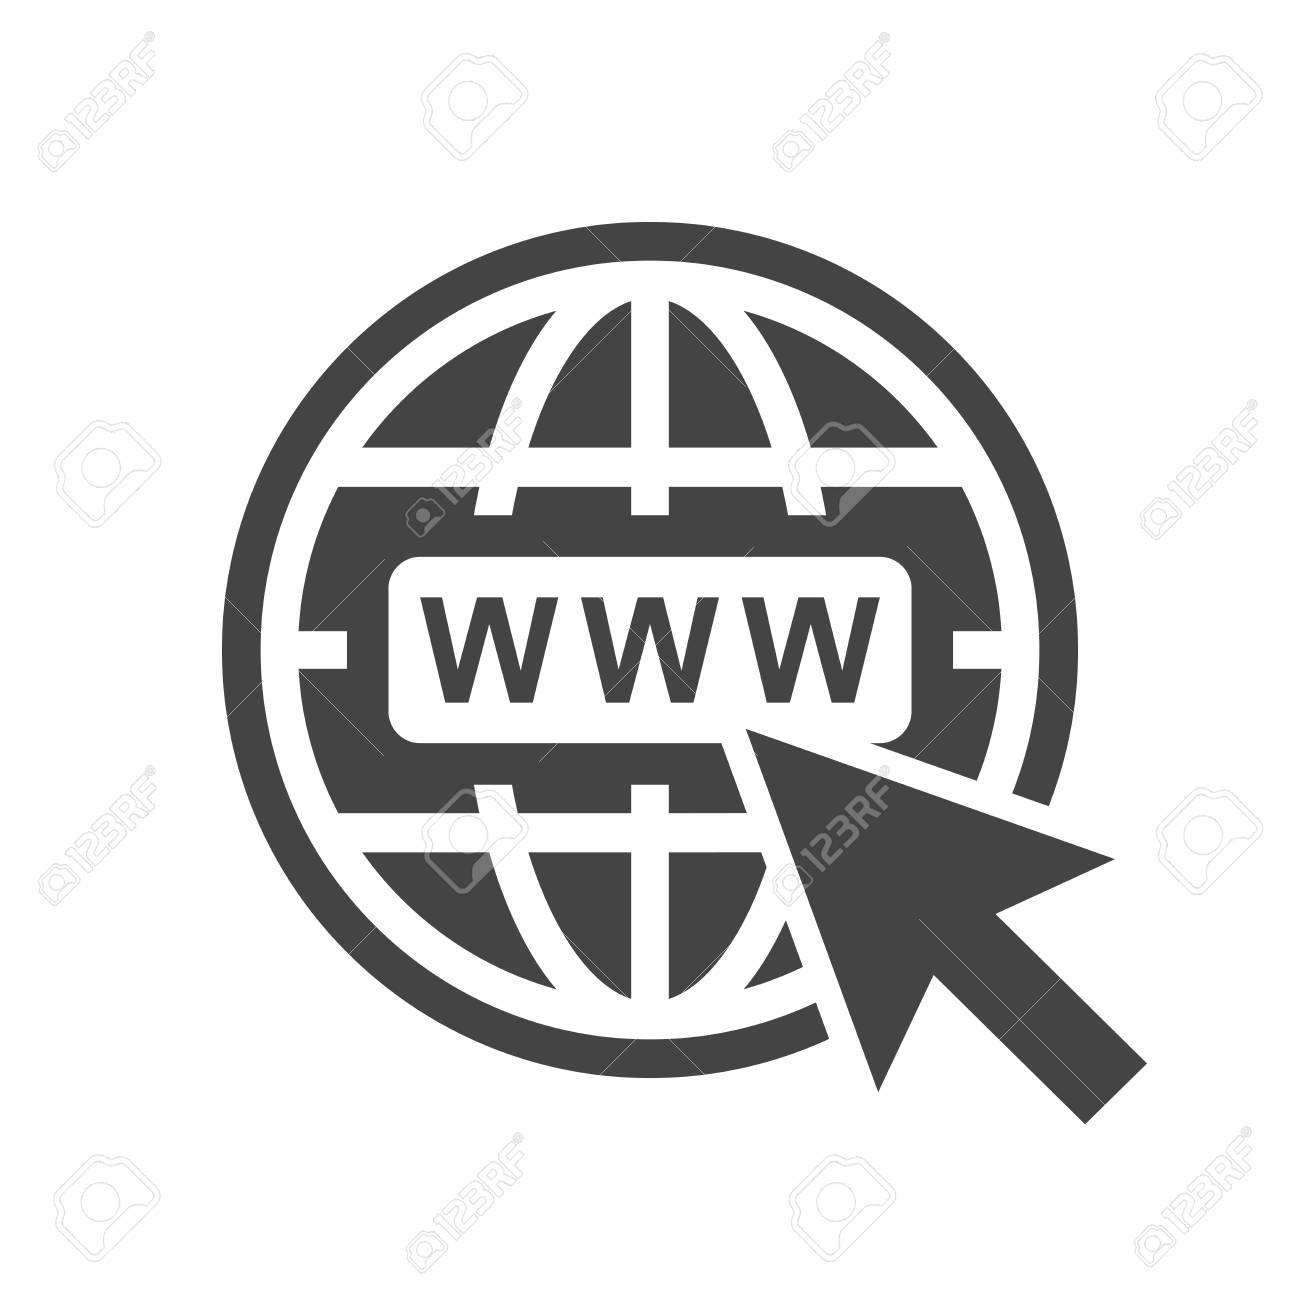 ddb6ff5278529 Foto de archivo - Ir al icono de la web. Ilustración de vector plano de  Internet para el sitio web sobre fondo blanco.